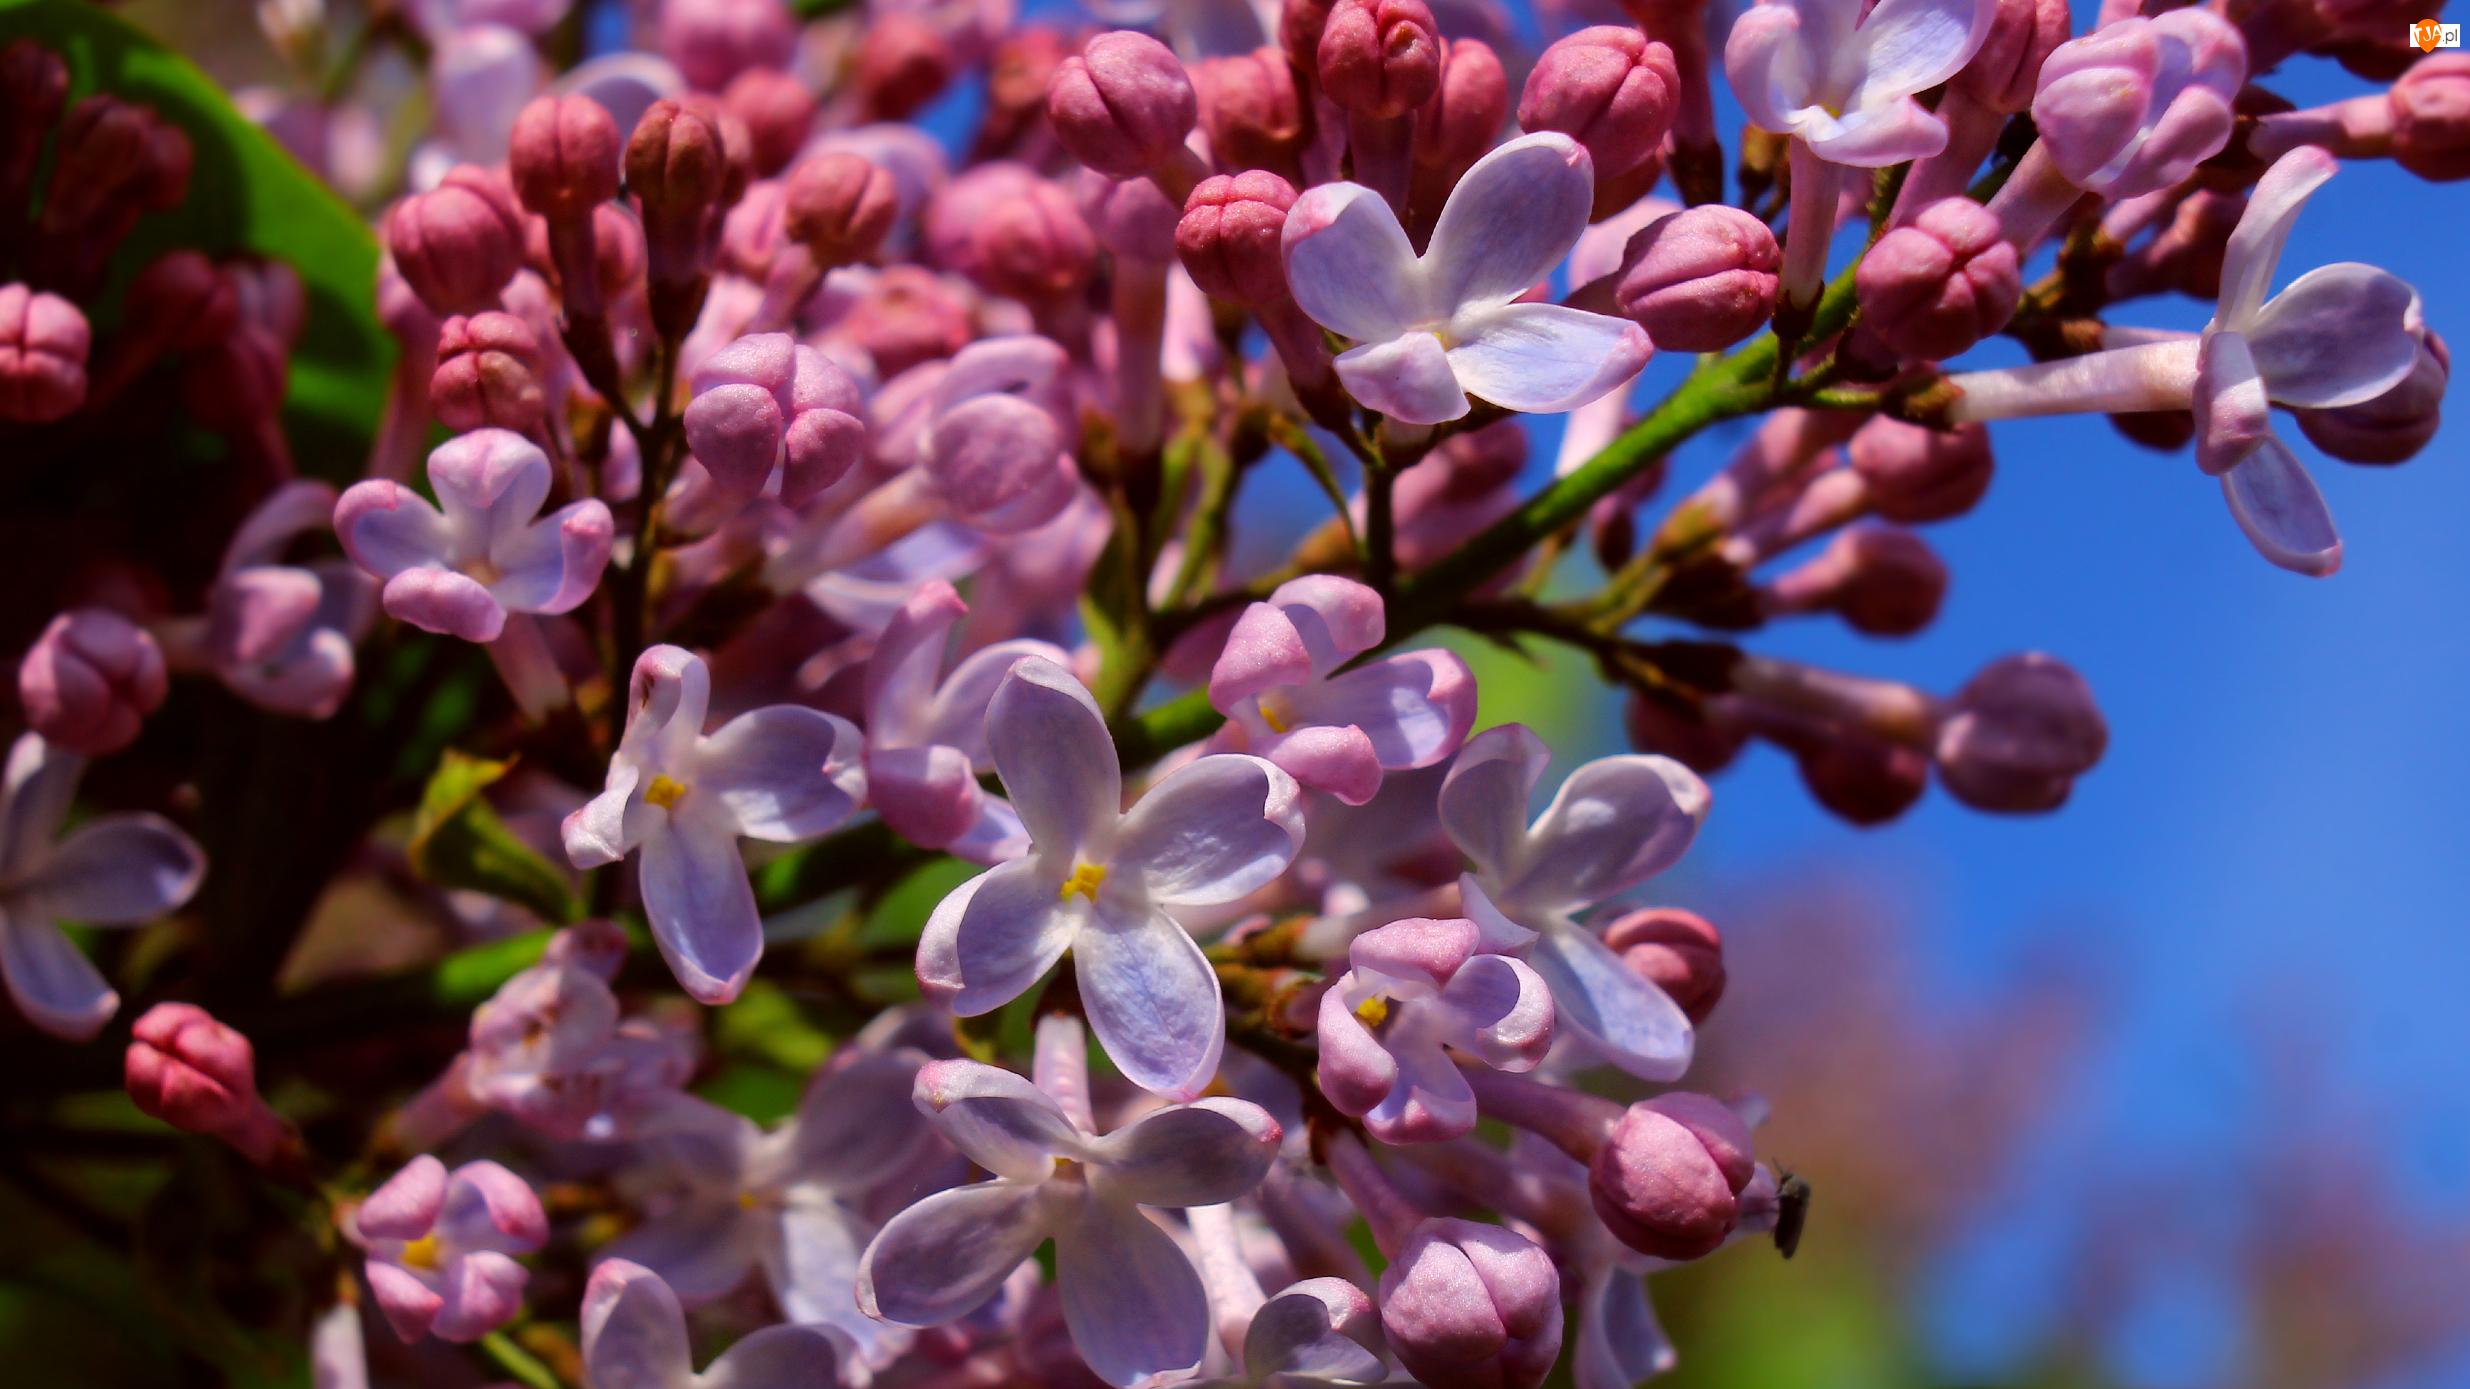 Bez, Lilak, Zbliżenie, Kwitnący, Pąki, Kwiaty, Jasnofioletowe